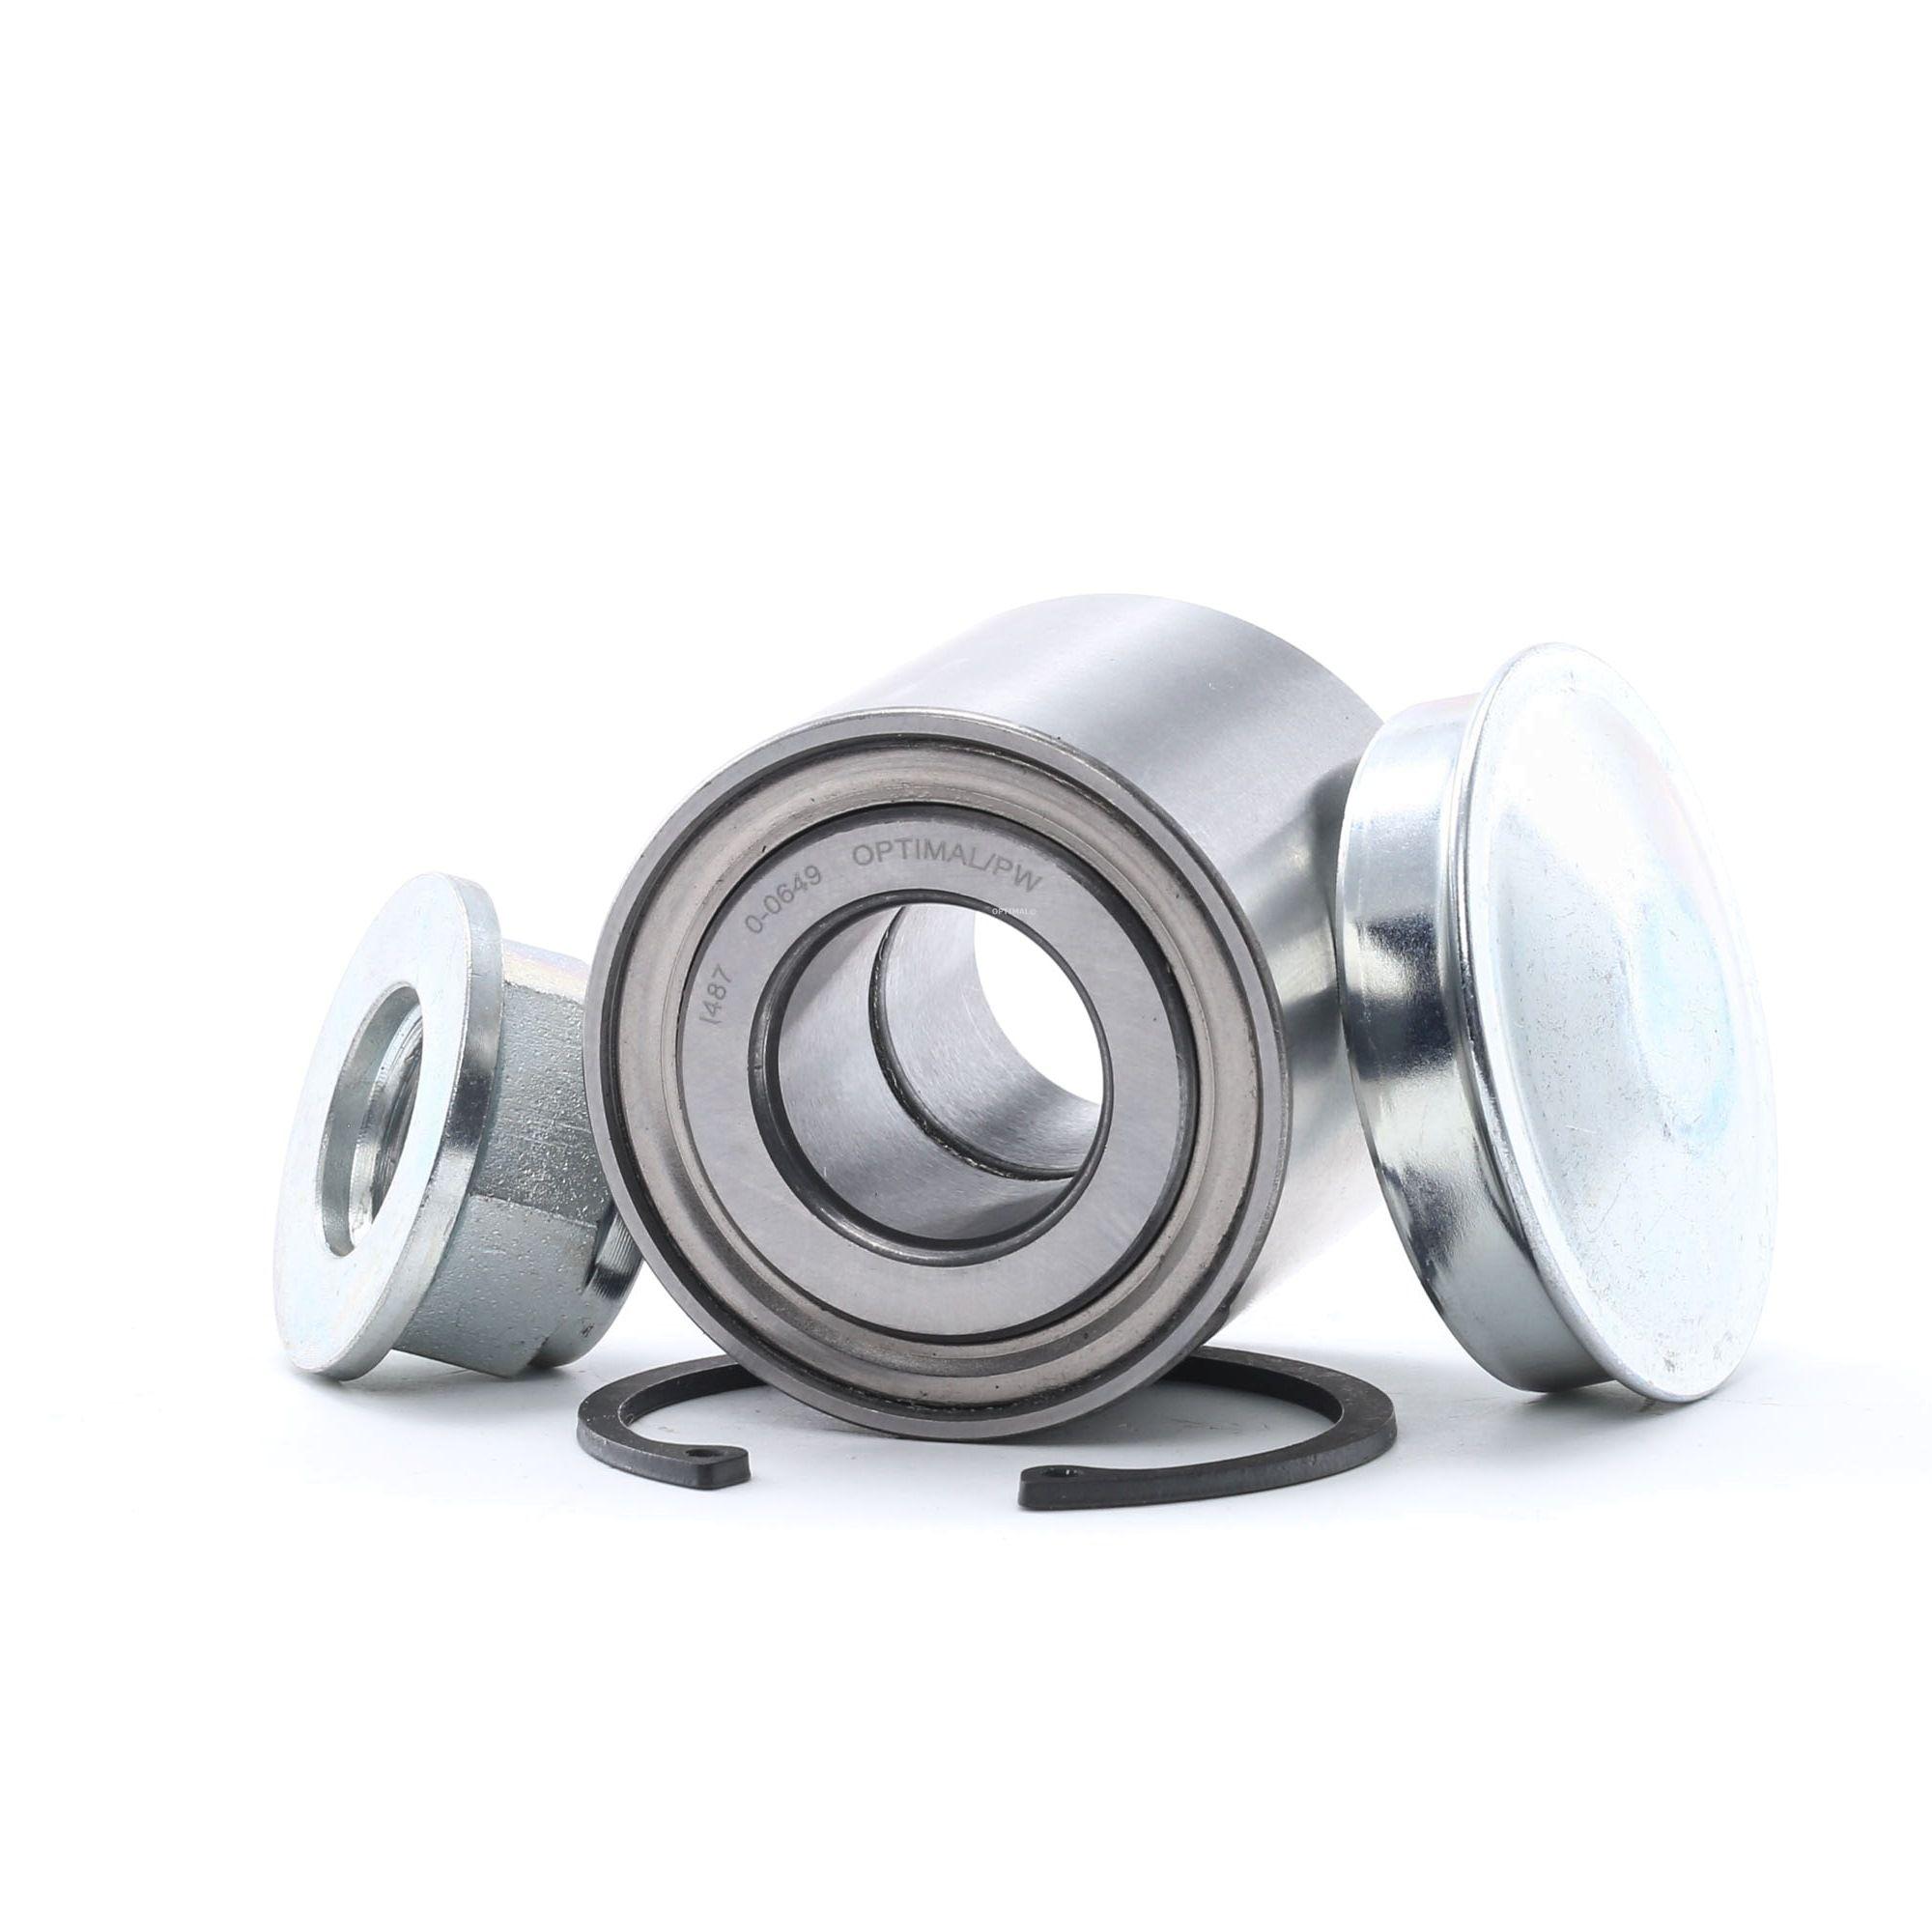 702983 OPTIMAL Ø: 55mm, Innendurchmesser: 25mm Radlagersatz 702983 günstig kaufen